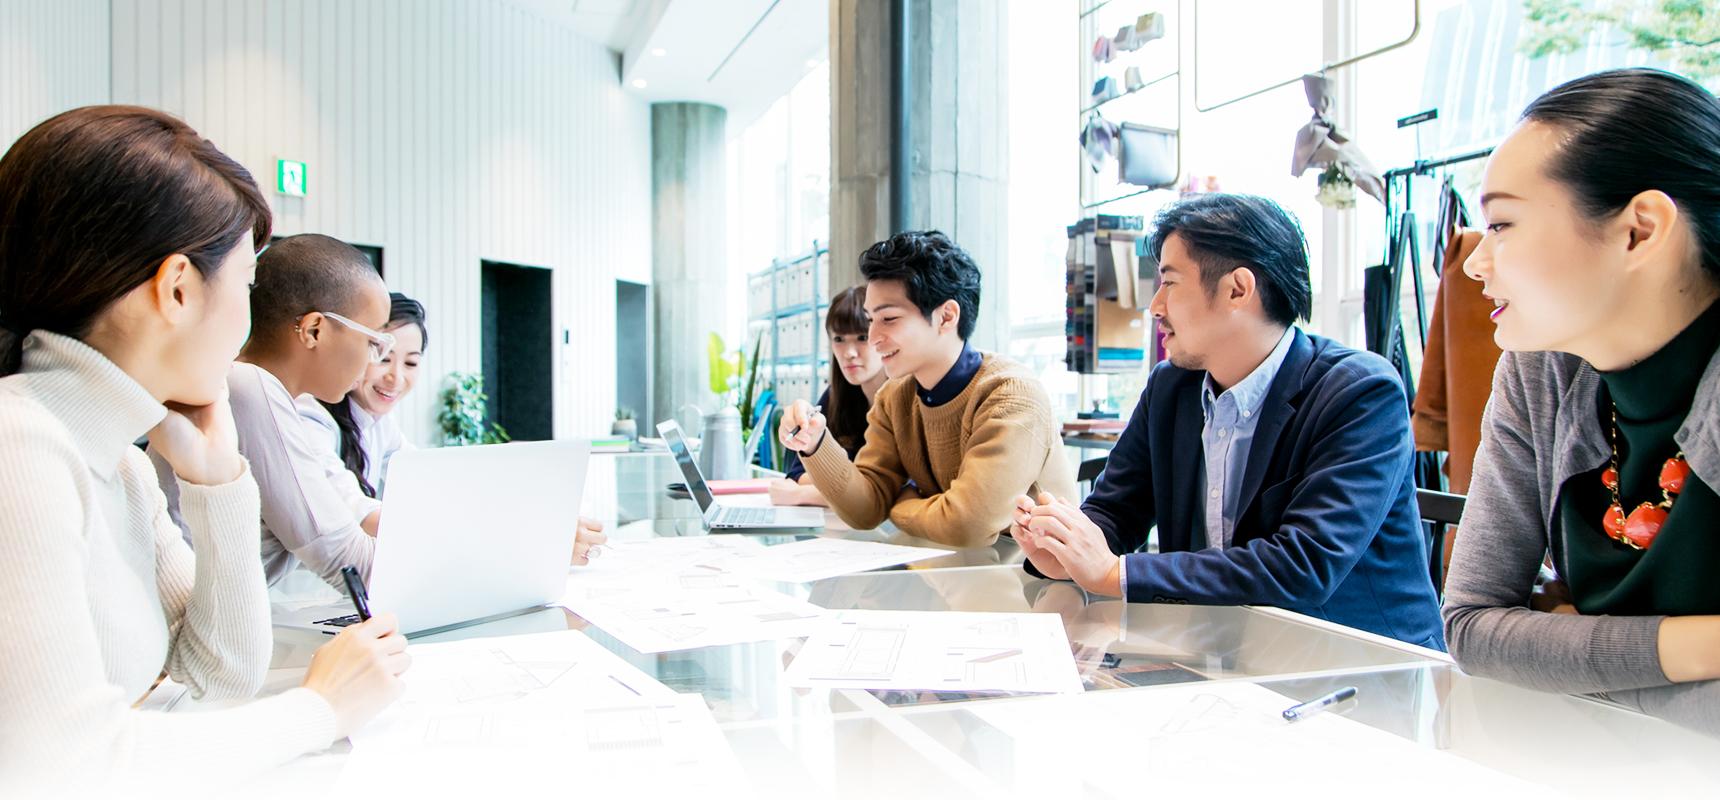 久保田社労士事務所とコンサルタントの紹介をします。